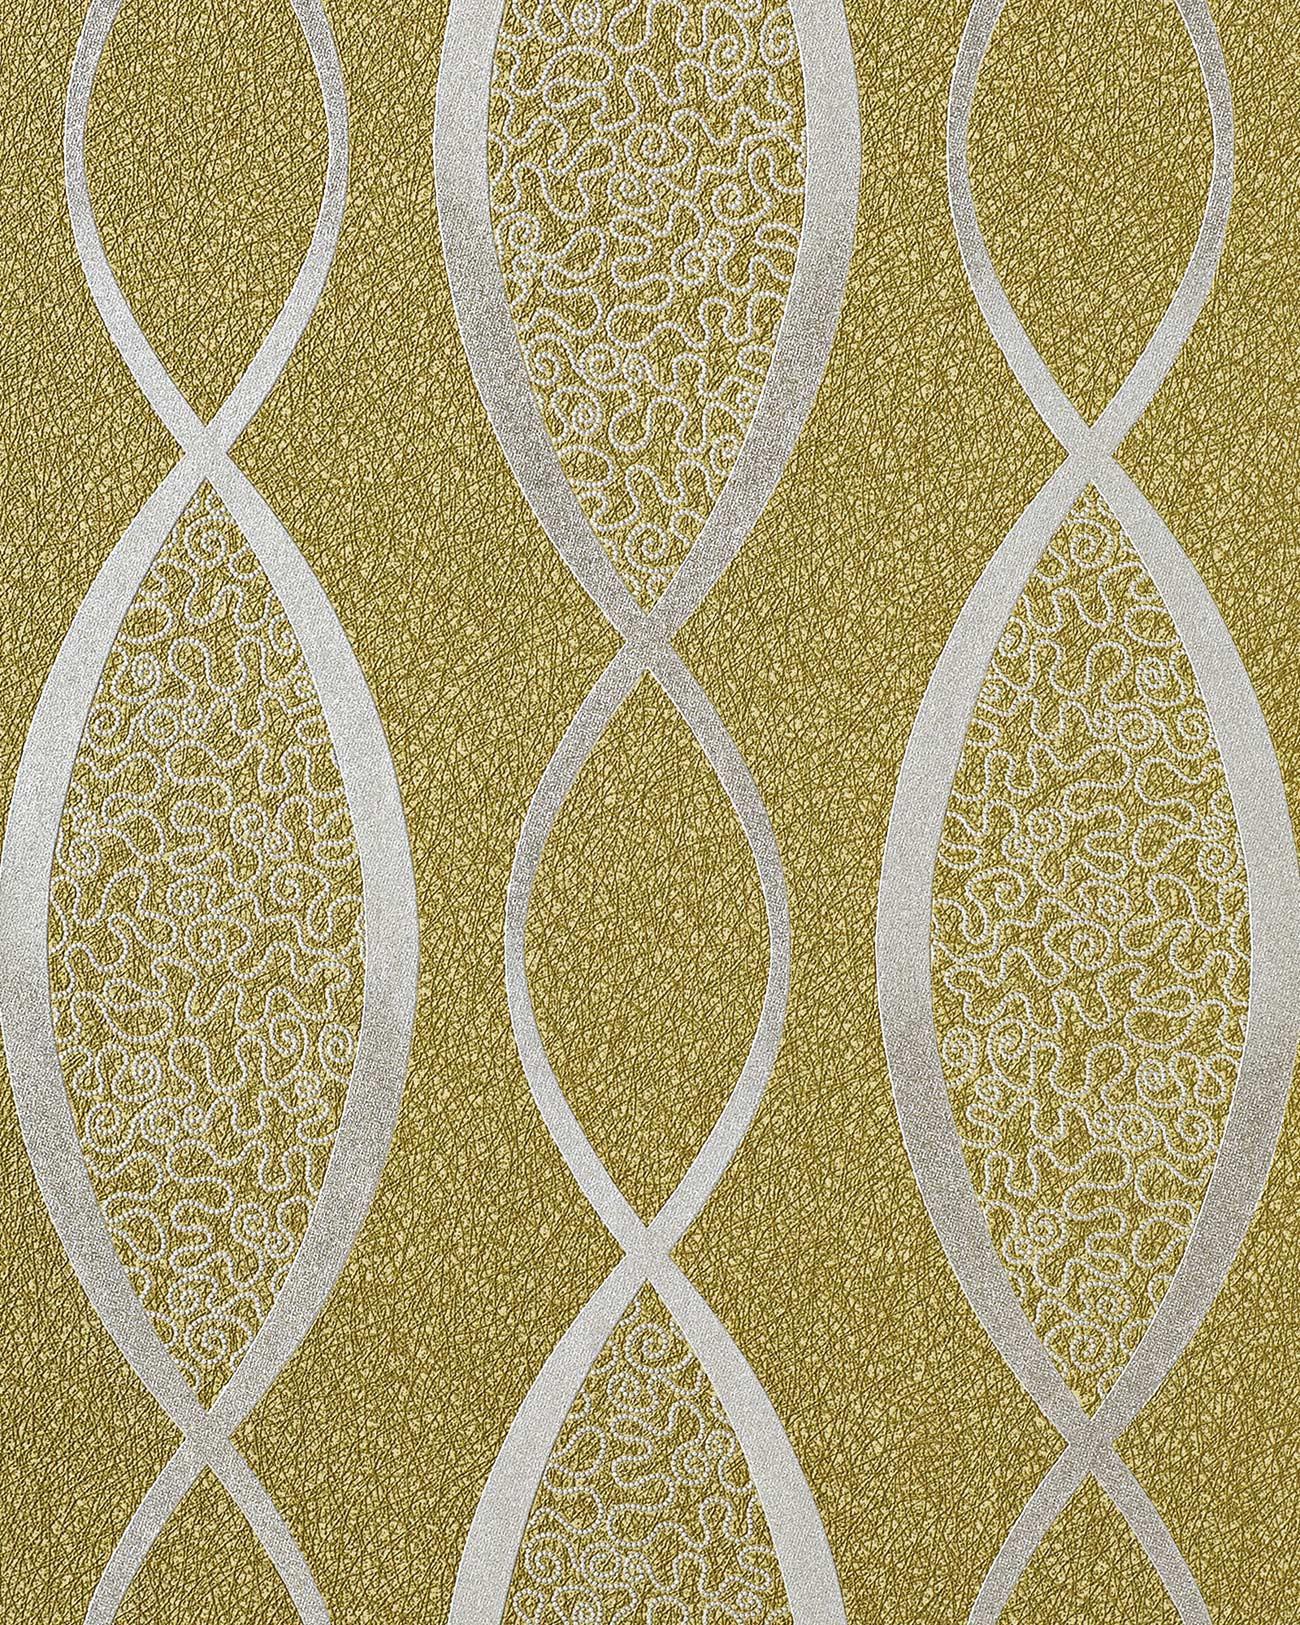 Papier peint style ann es 70 avec ornements edem 1018 15 scintillants design - Papier peint style annee 70 ...